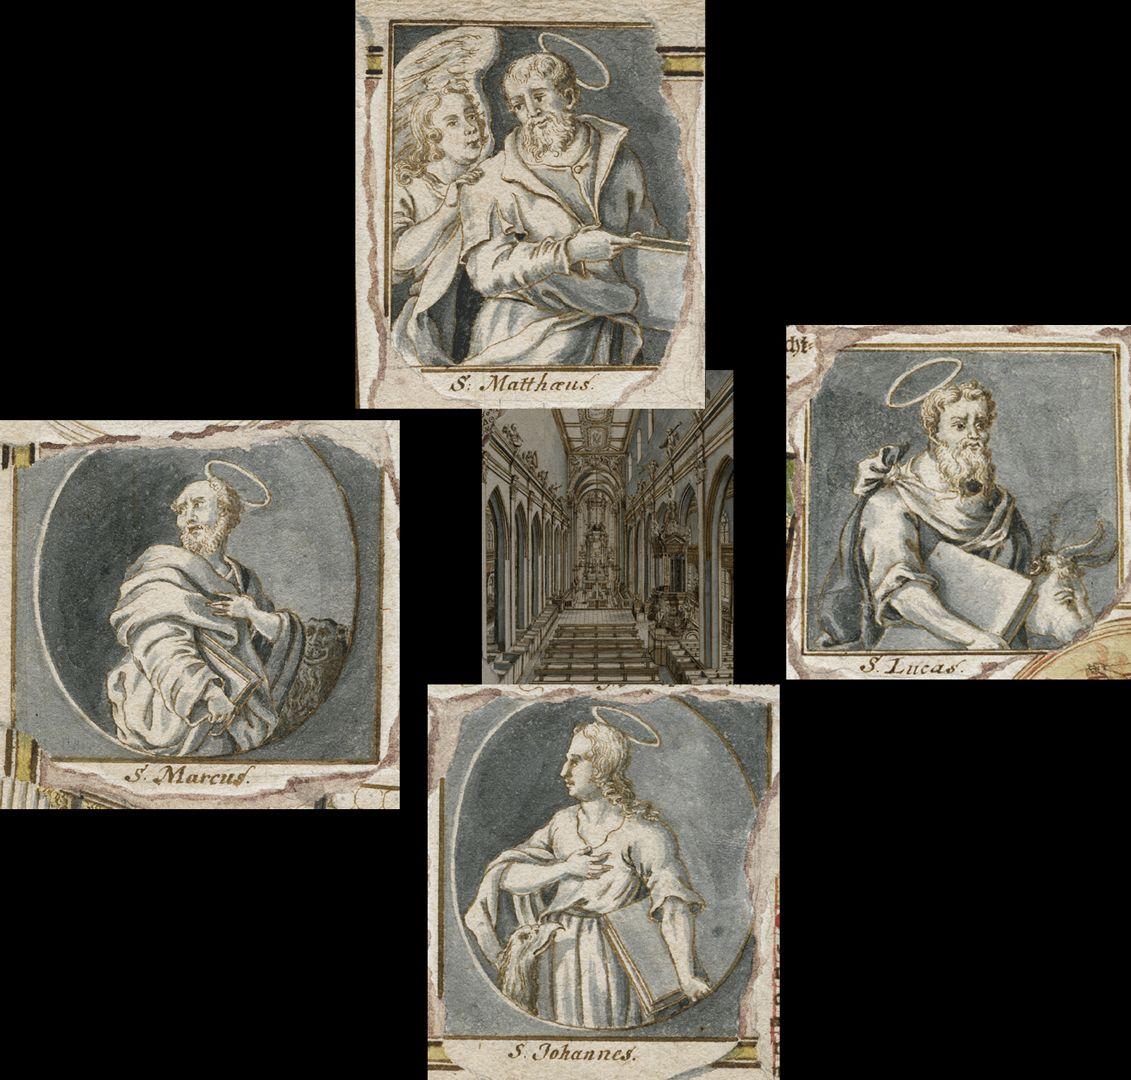 Quodlibet zum Heilig-Geist-Spital Collage der um die Mitte angeordneten Evangelisten